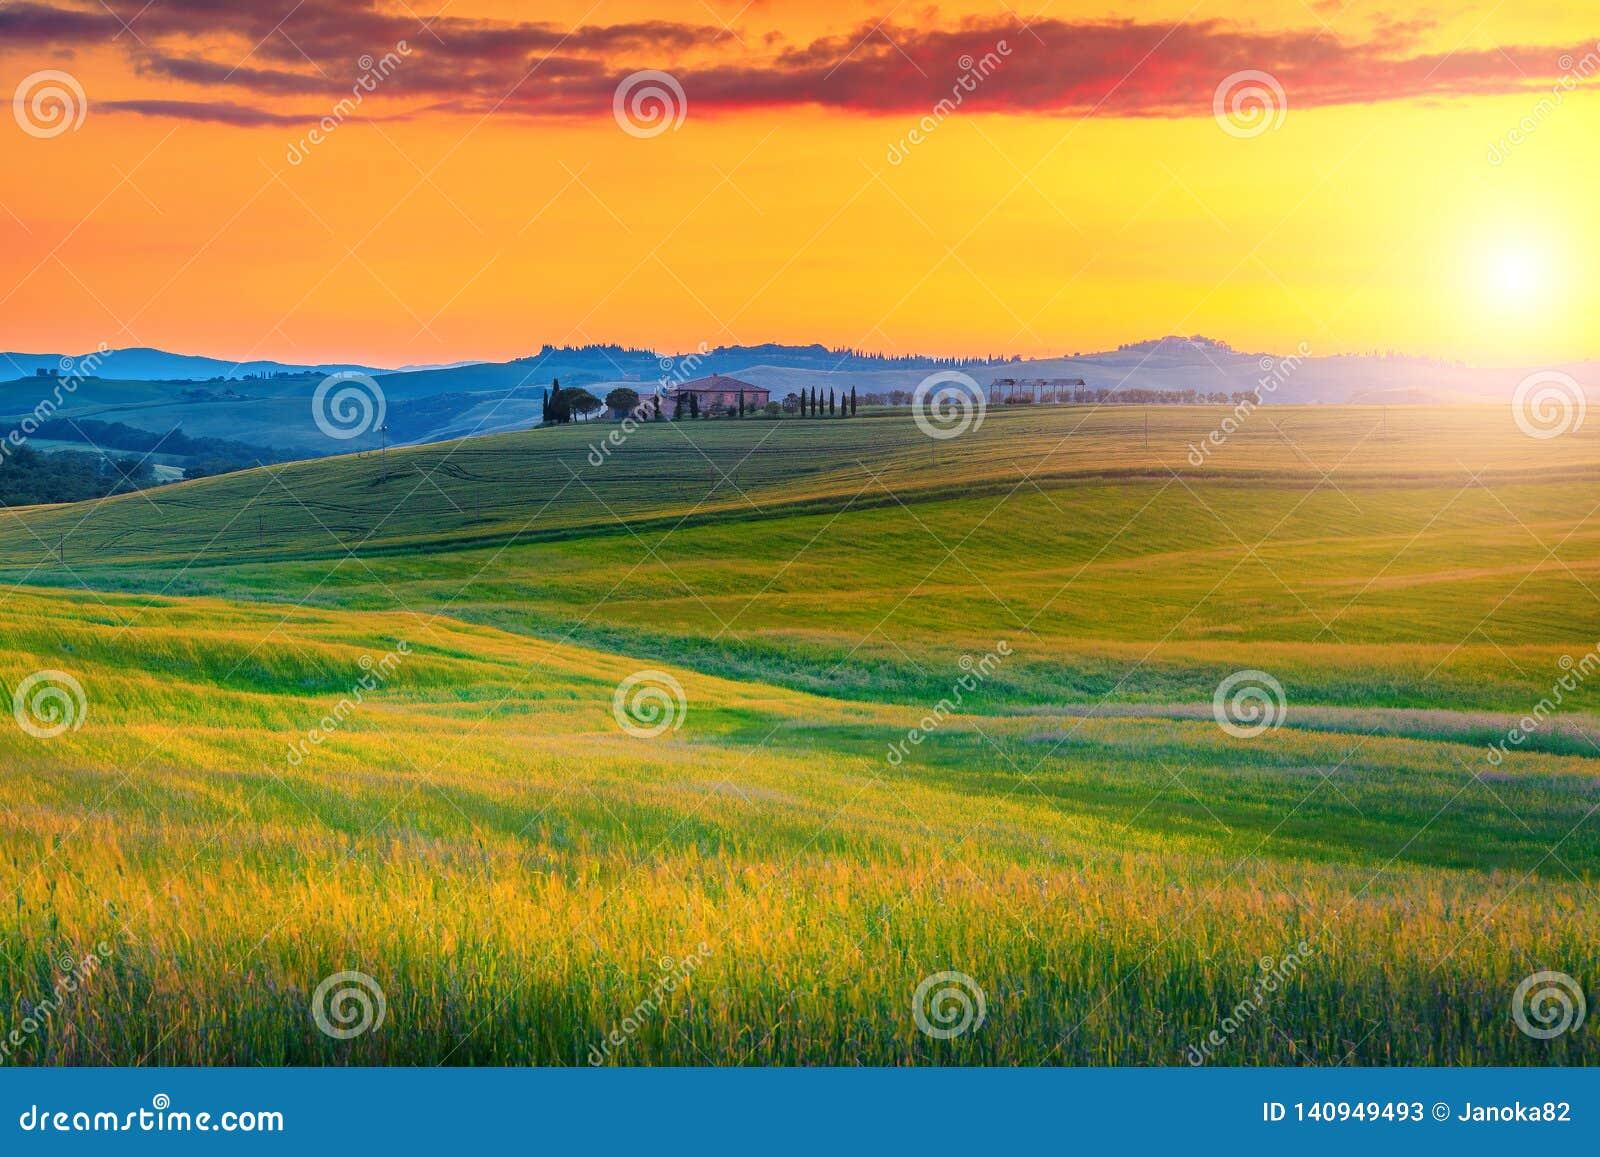 与五颜六色的日落和粮田,意大利的令人惊讶的托斯卡纳风景